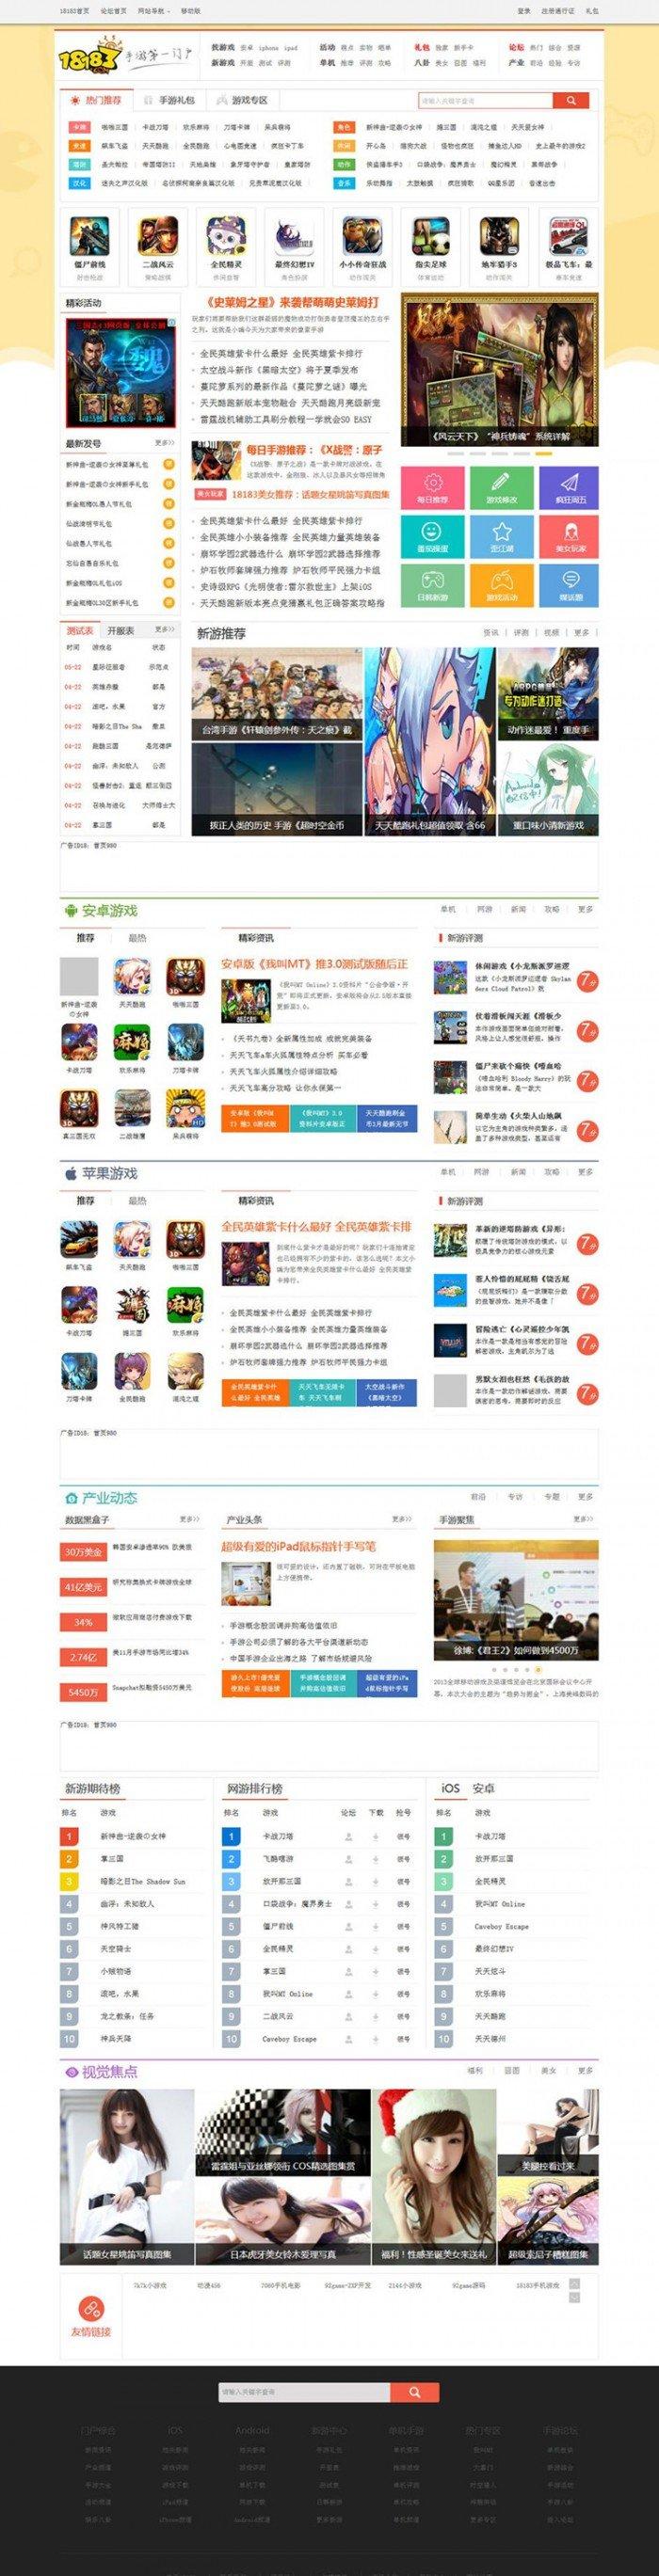 仿18183.com手机游戏源码 手游门户网站源码 帝国CMS内核